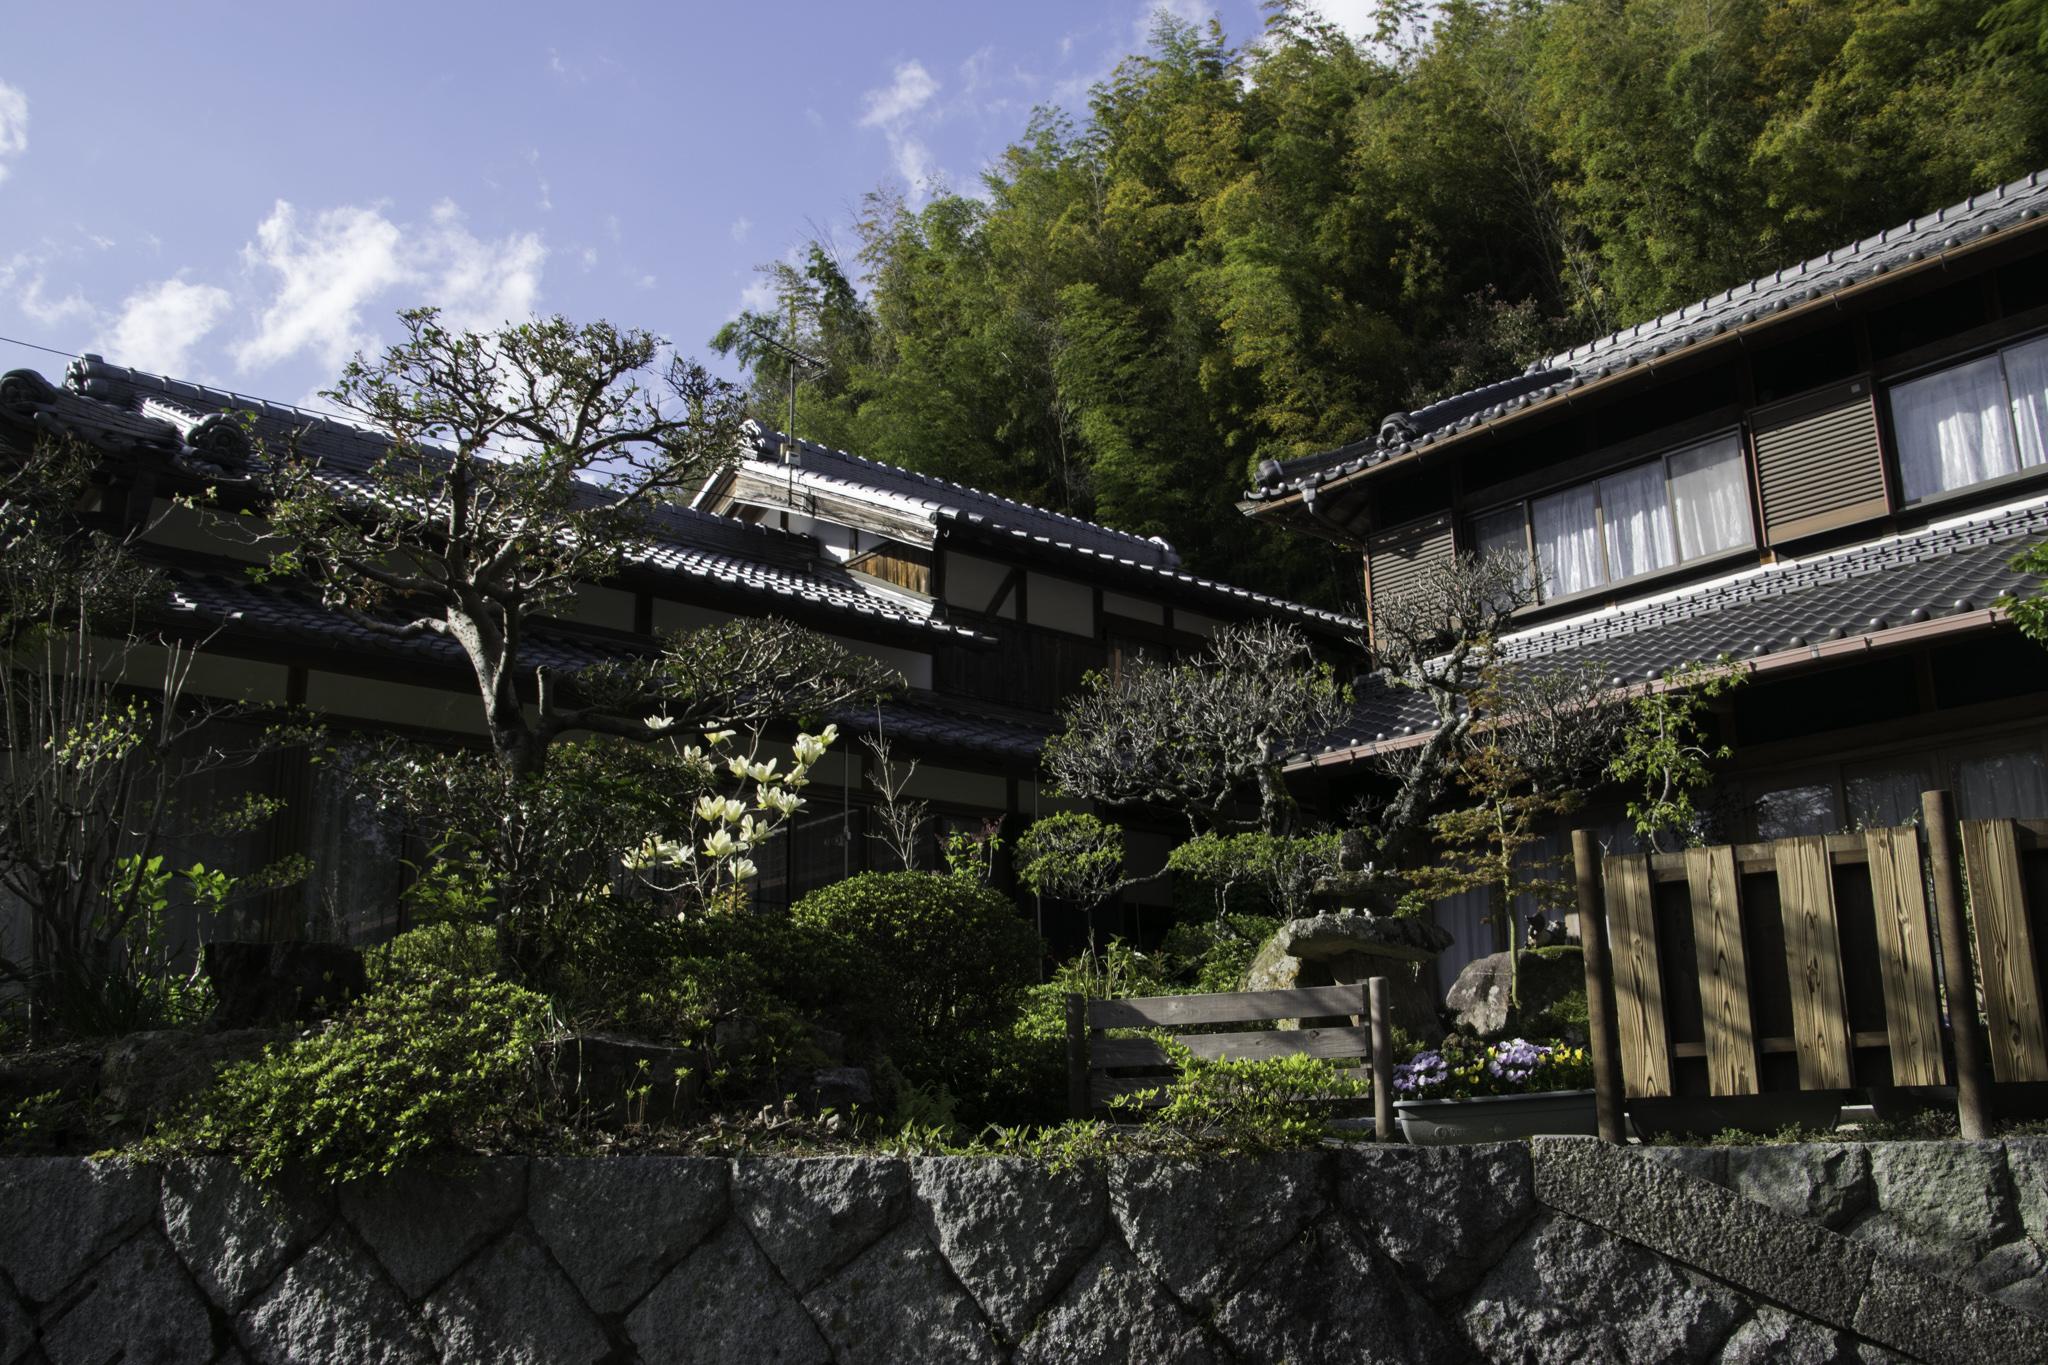 Wohlgepflegter japanischer Garten